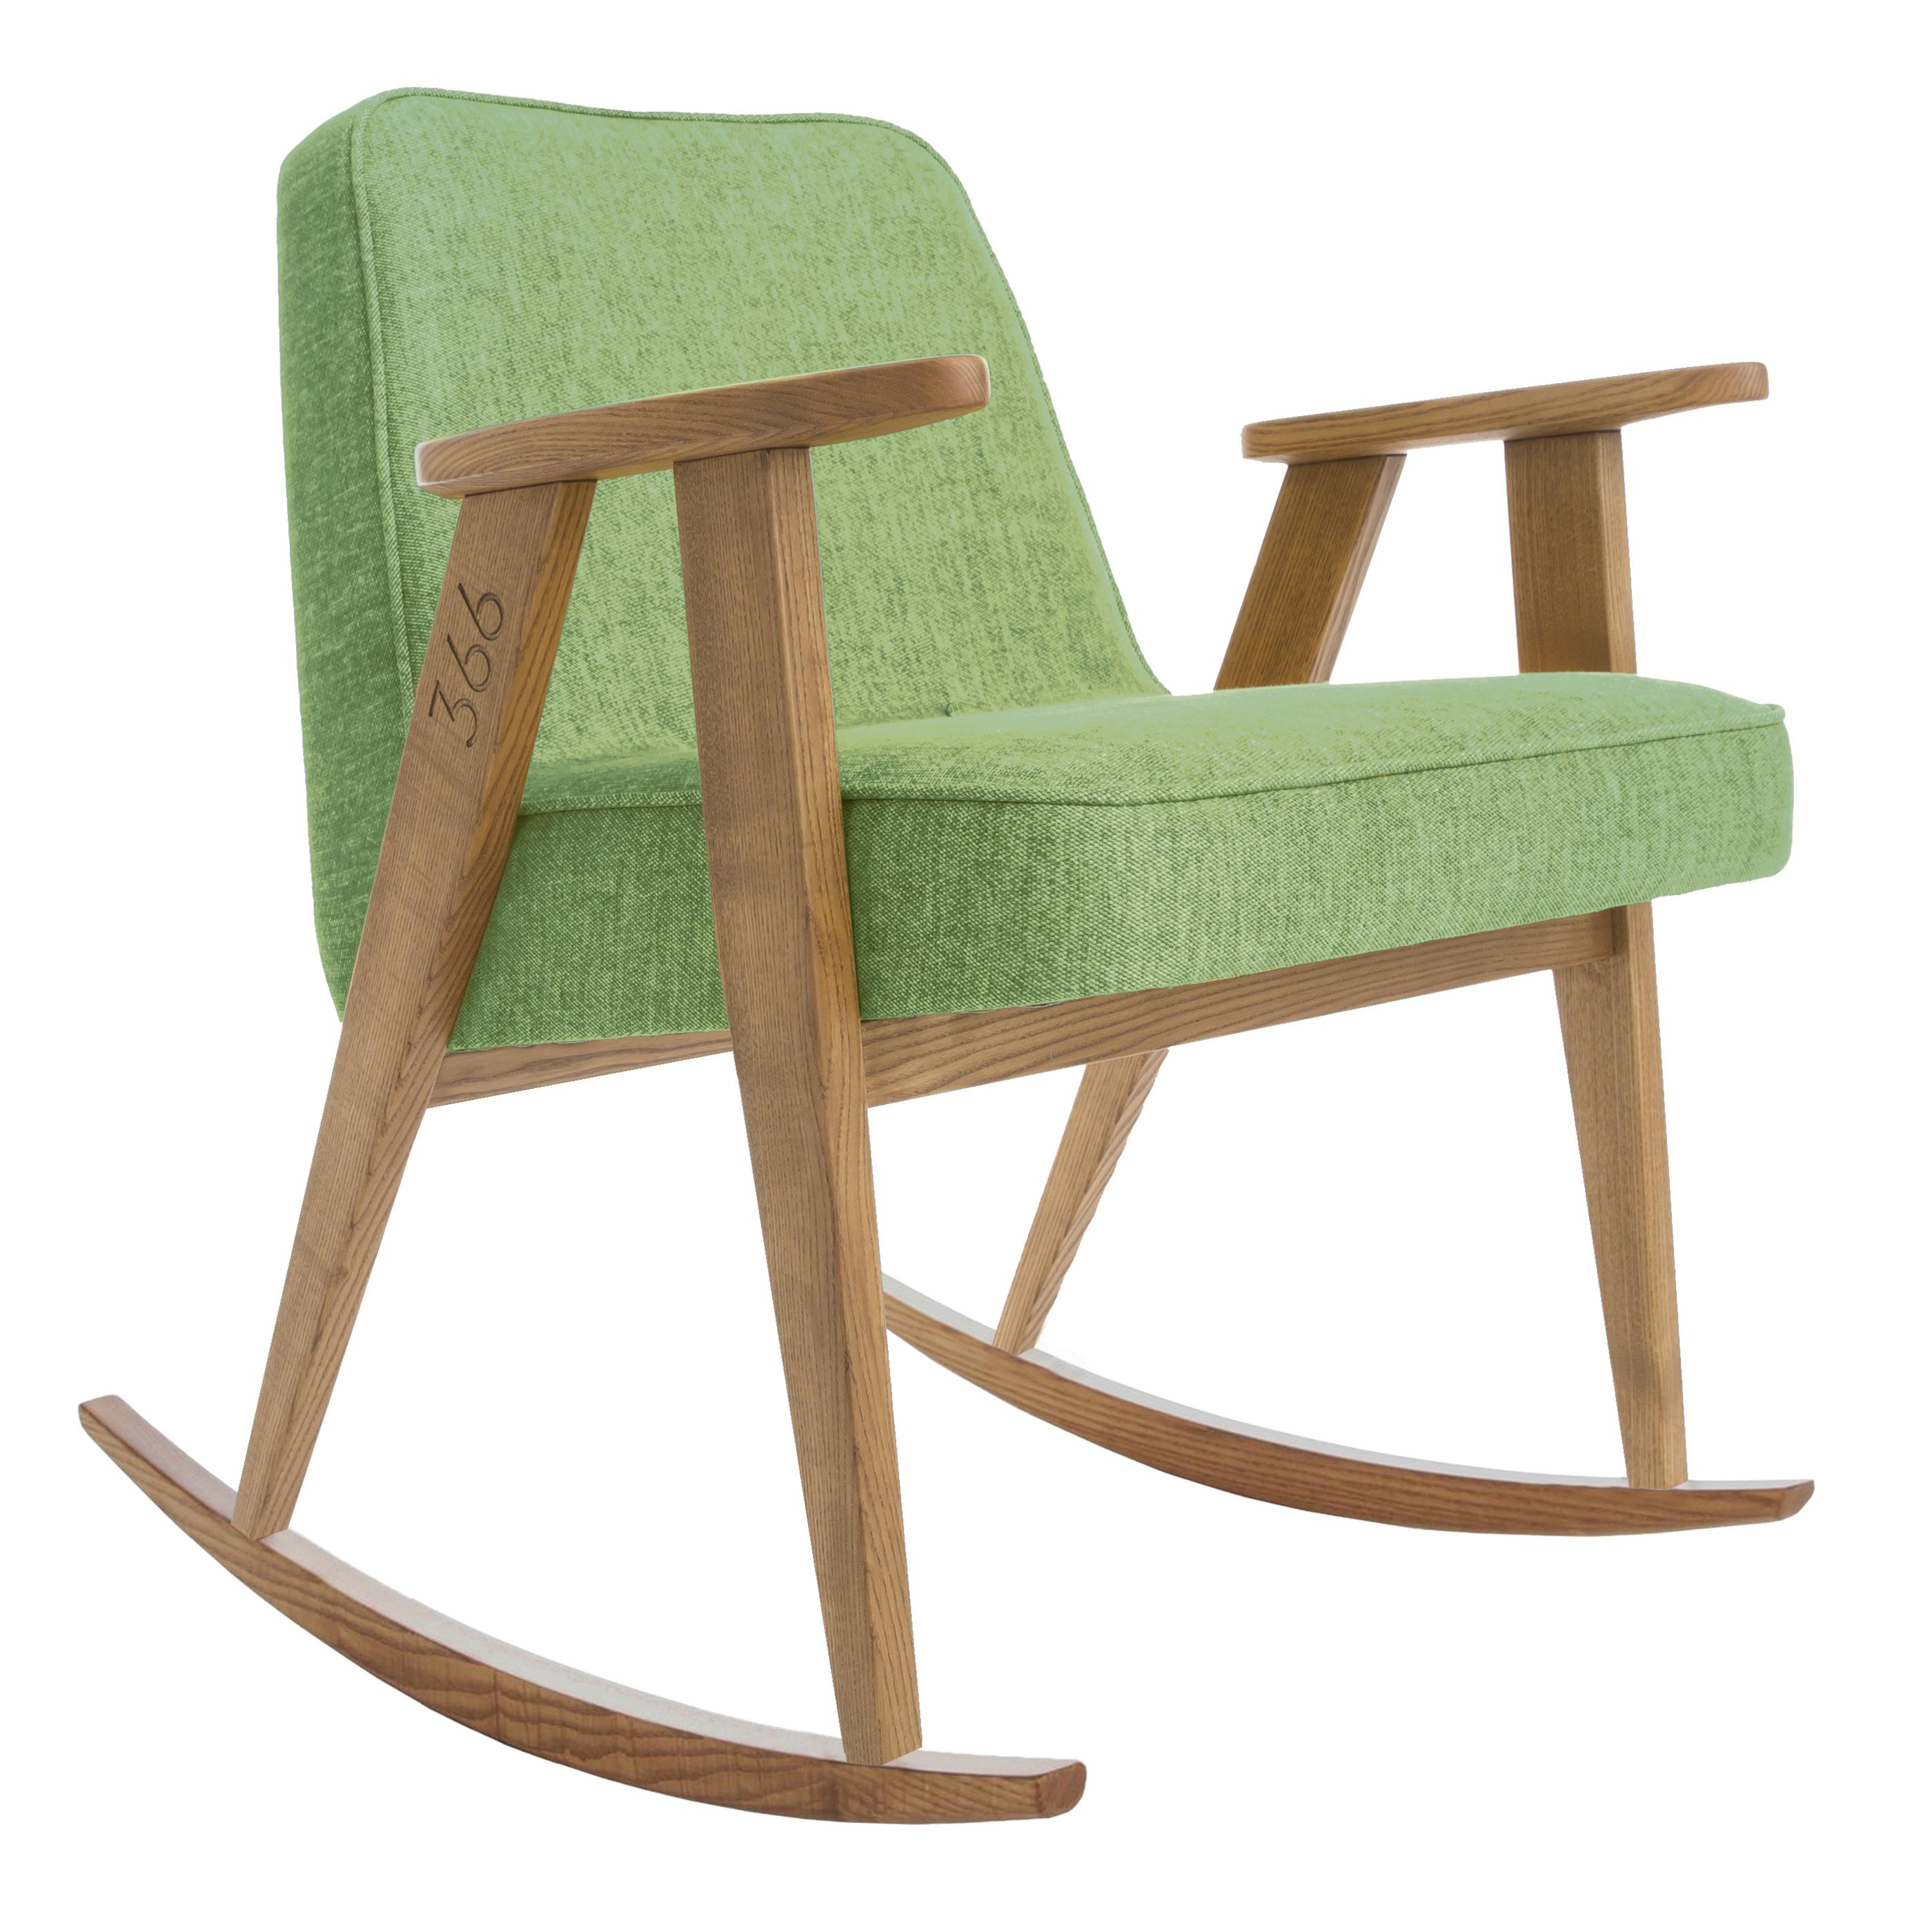 sessel, mobel, wohnen, SESSEL 366 PLUS VELVET - 366 Concept   366 rocking chair   Loft 07 Olive   Dark Oak